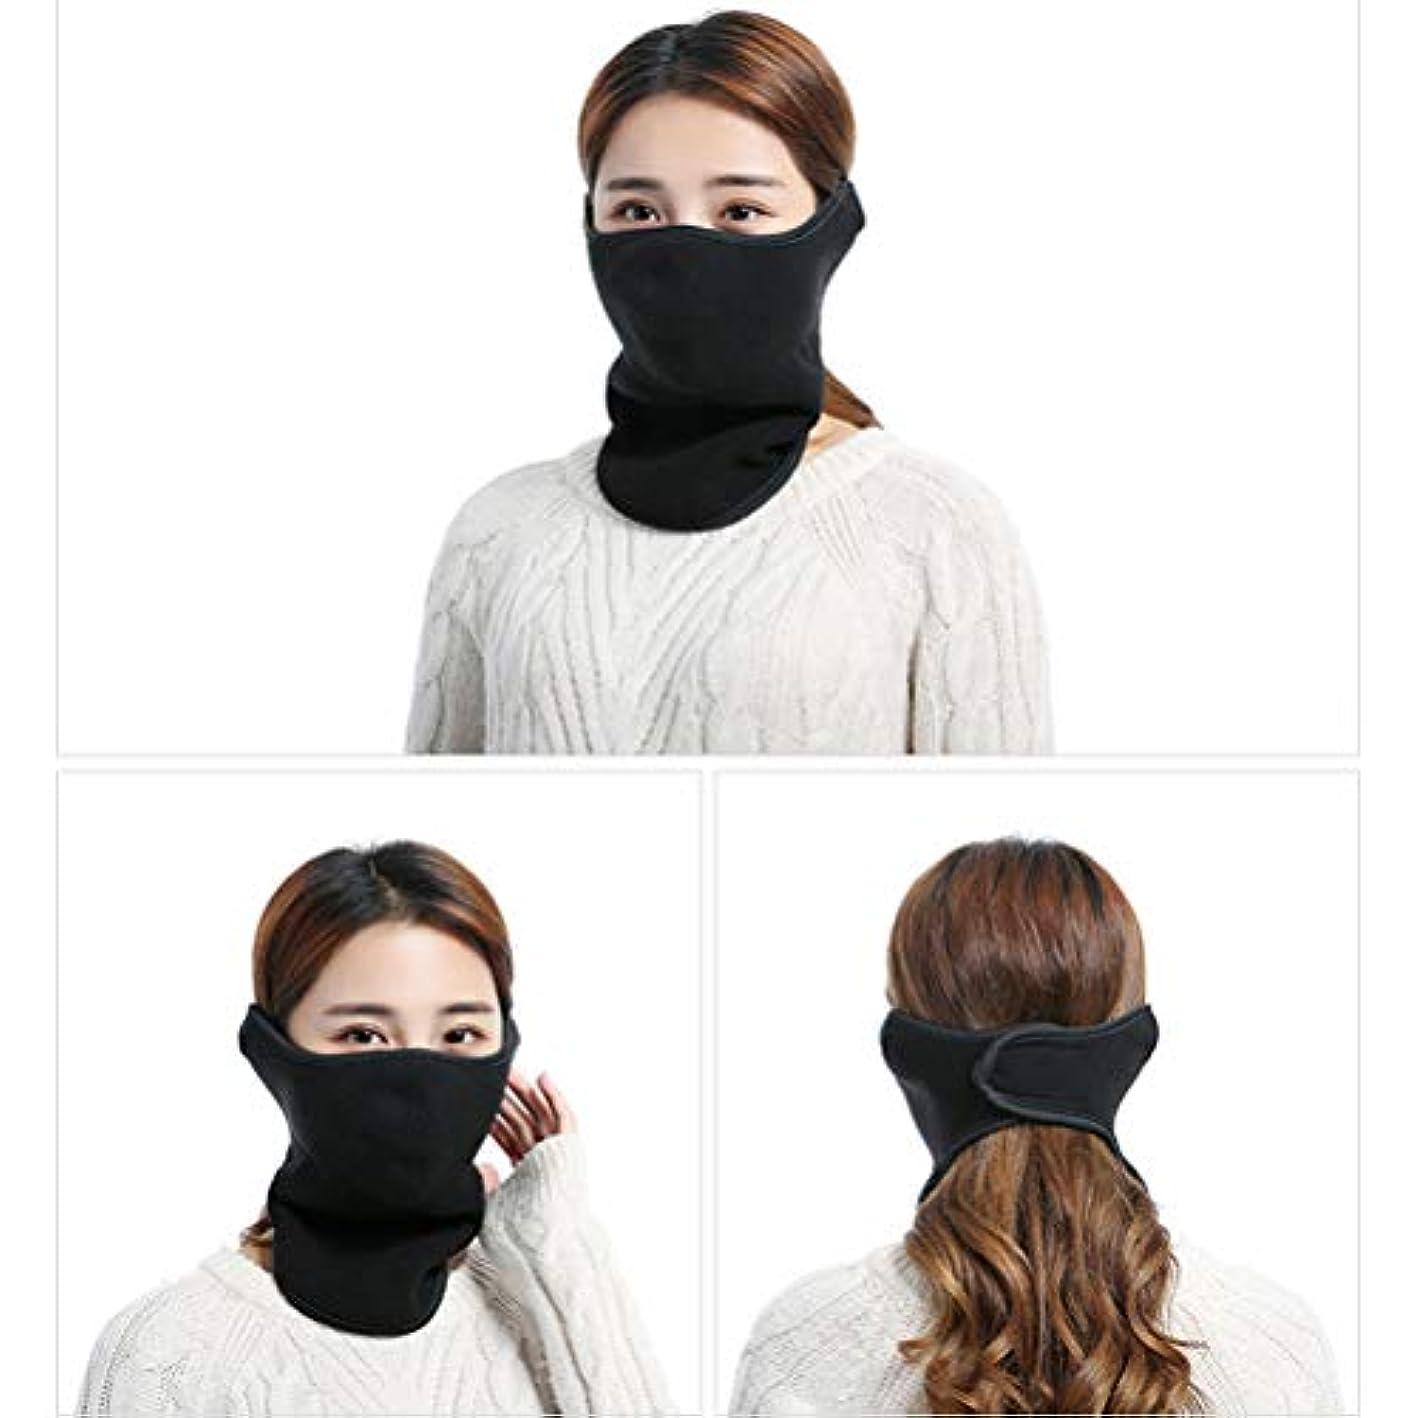 便利さ出発する下にKENANLAN 冬の暖かいマスク、ネックプロテクター乗馬マスク、屋外での乗馬、ハイキングなどのためのスリーインワン屋外コールドカラー